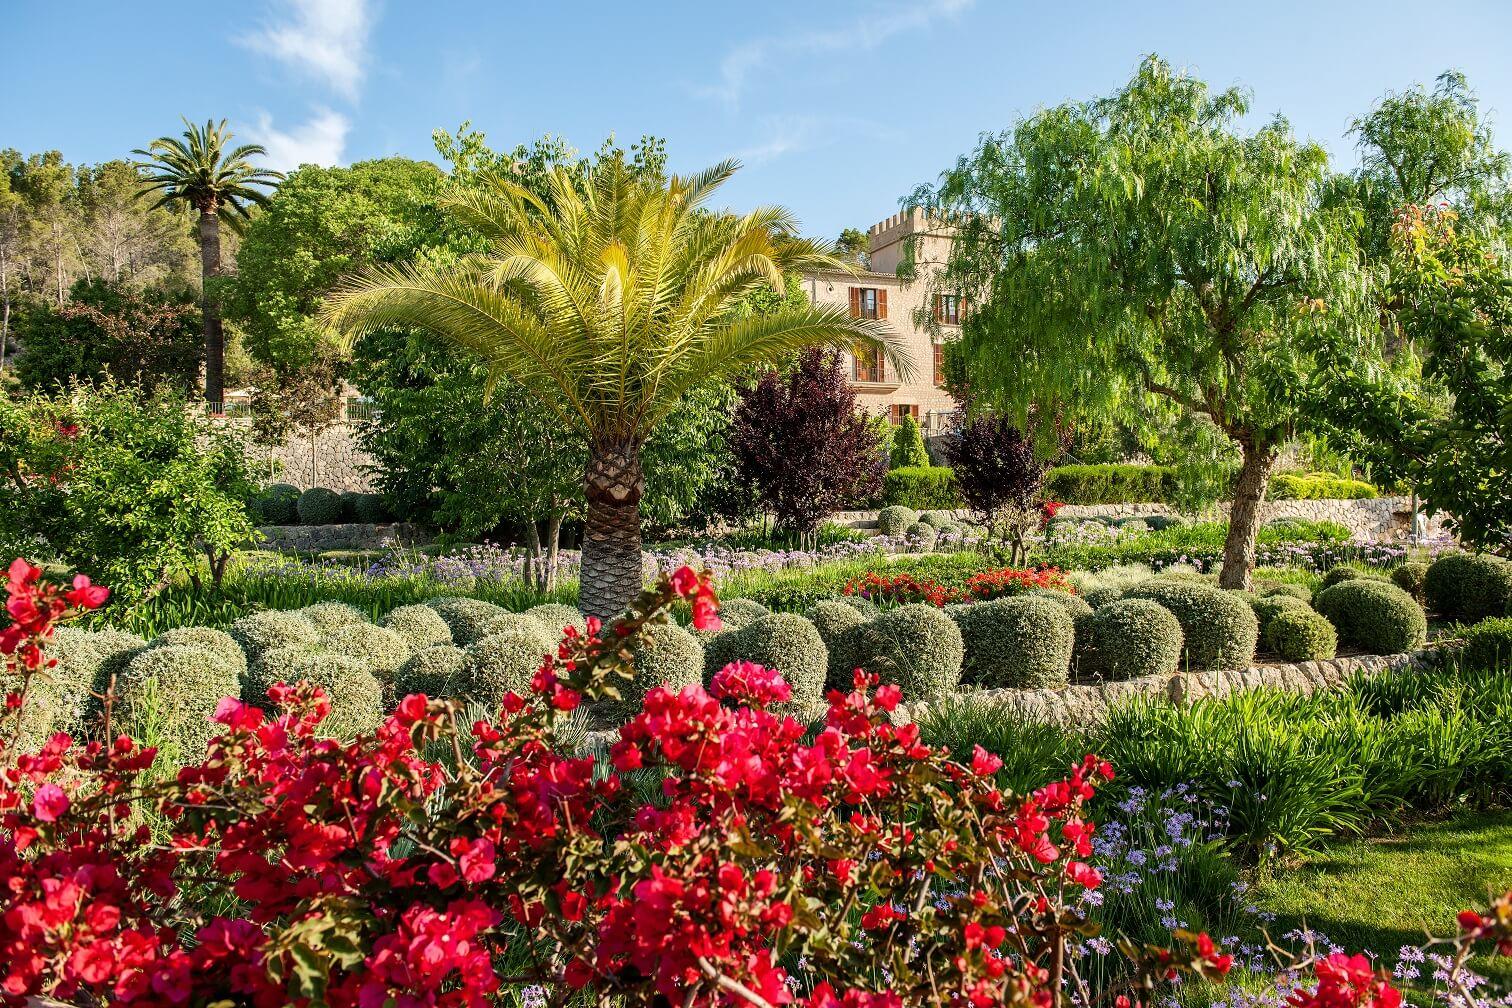 Naturaleza de Mallorca en el Hotel de lujo Castell son Claret (3)